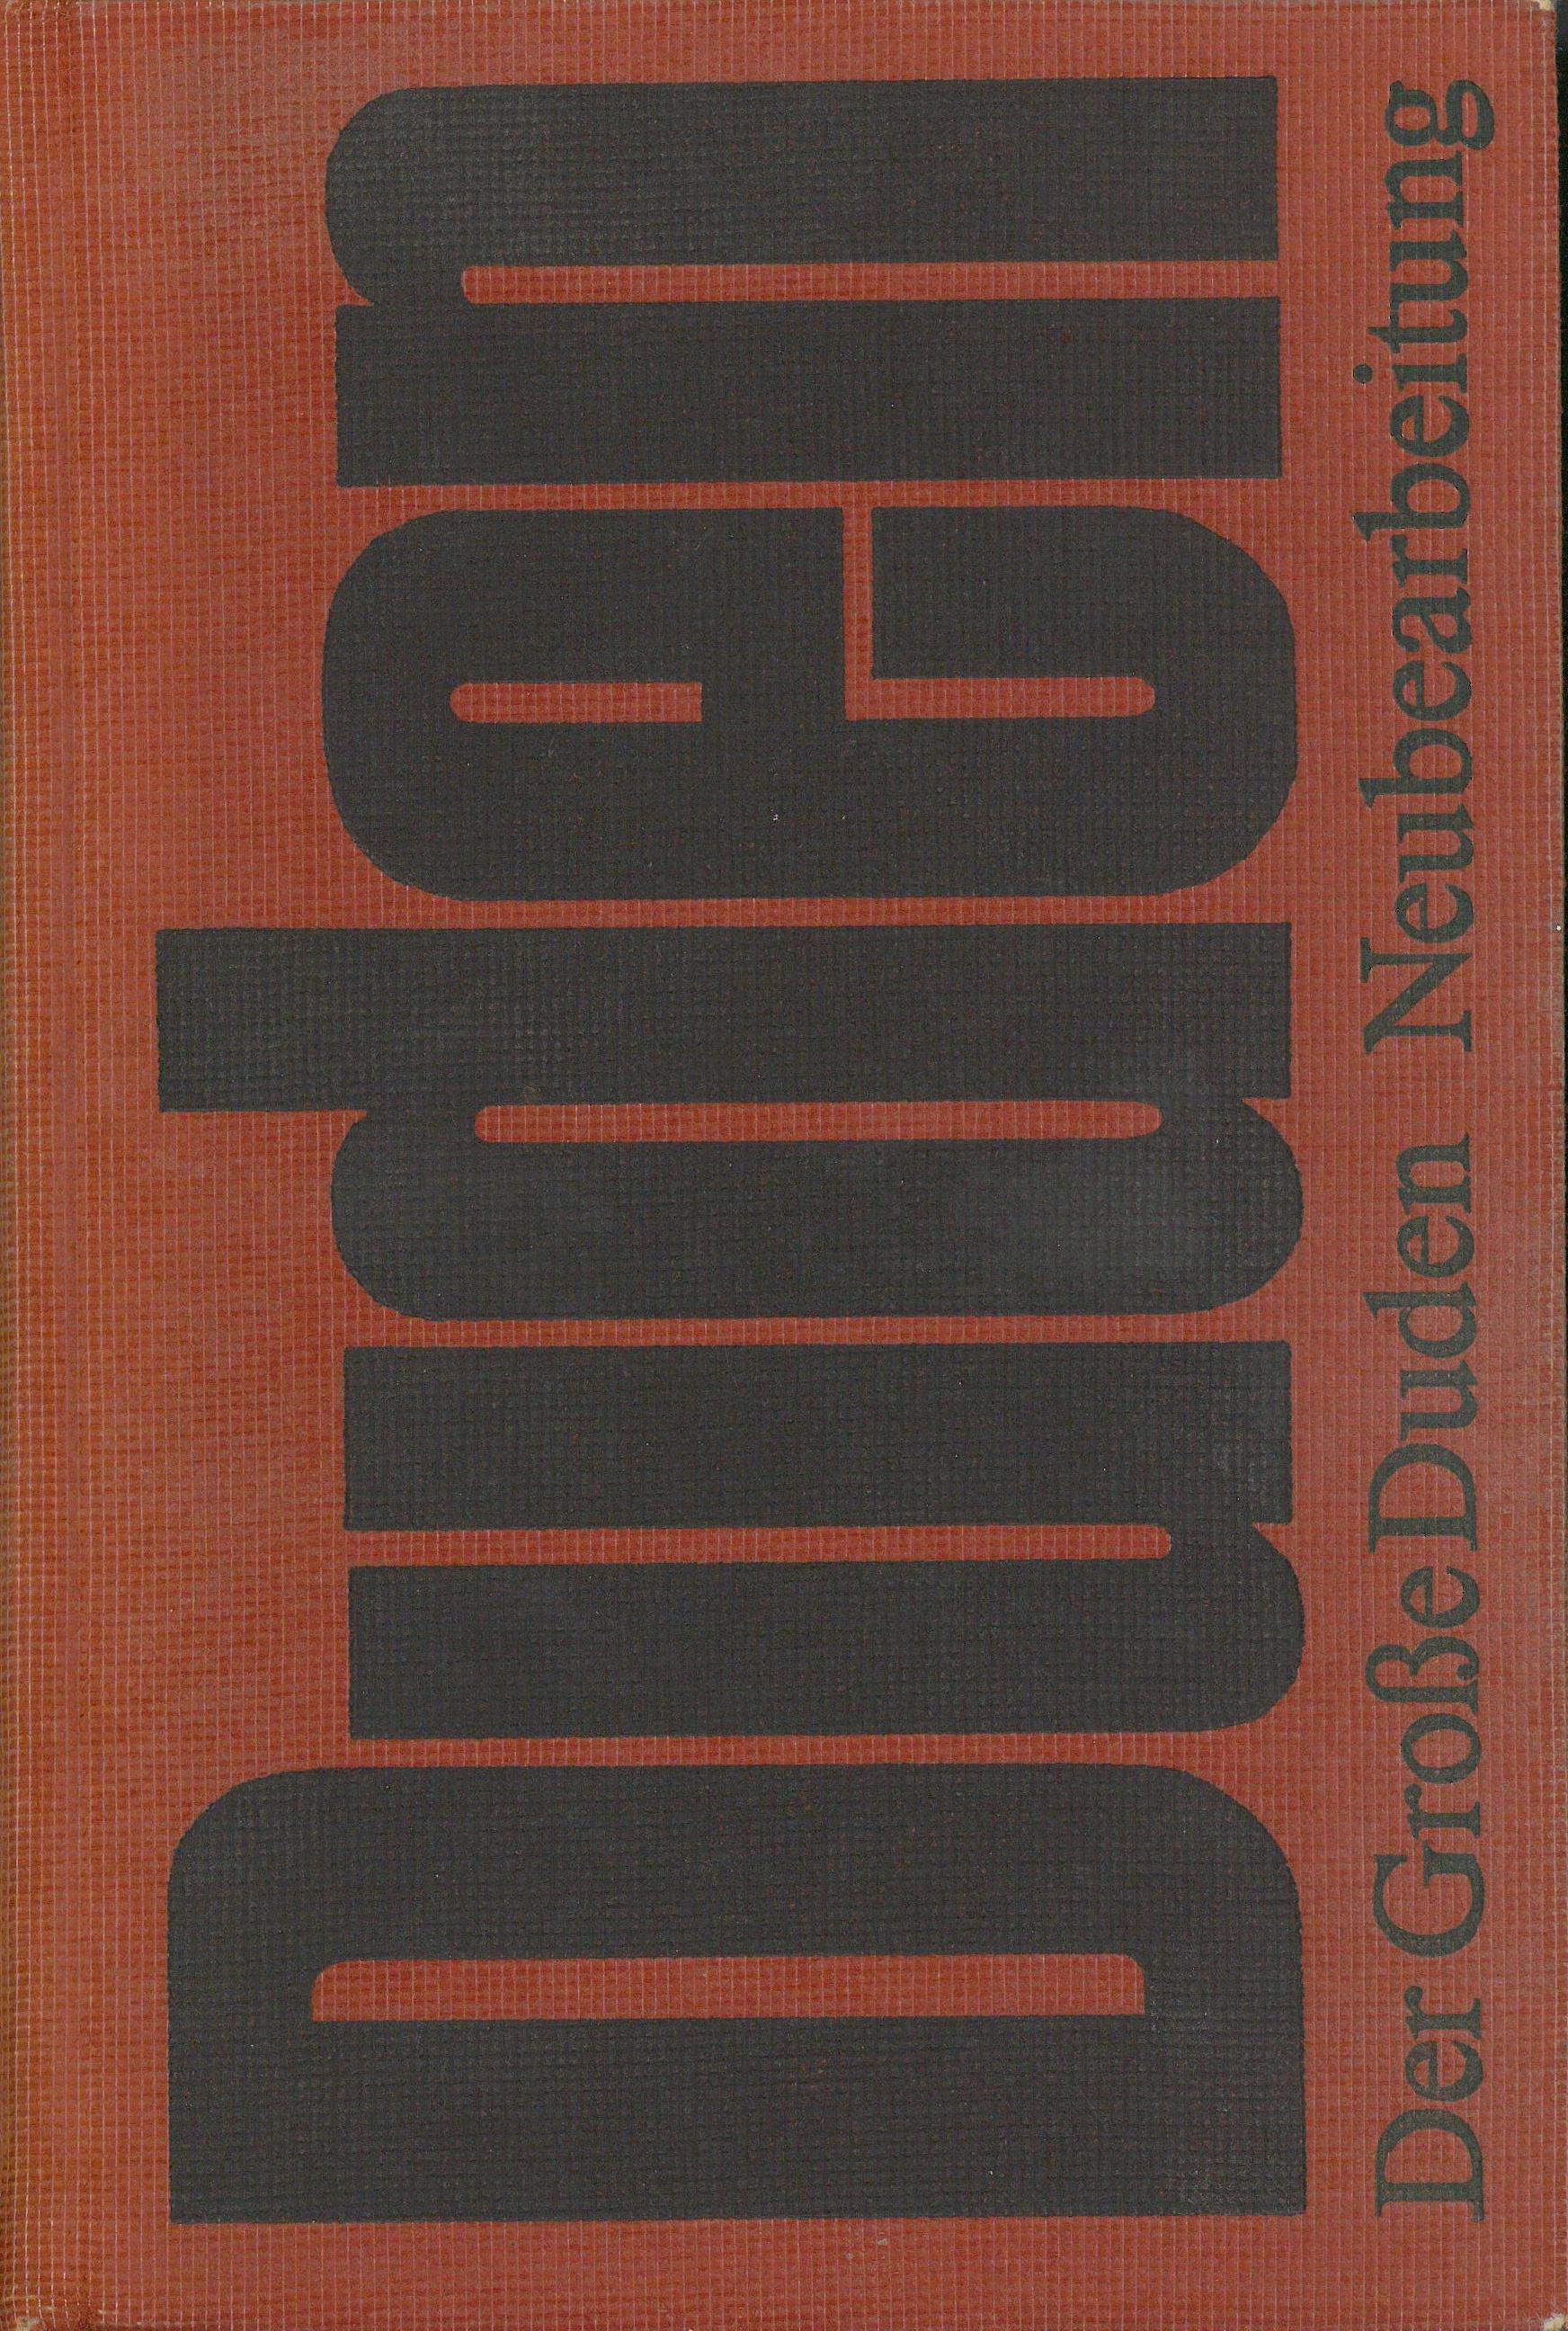 Buchcover Duden von 1976 DDR